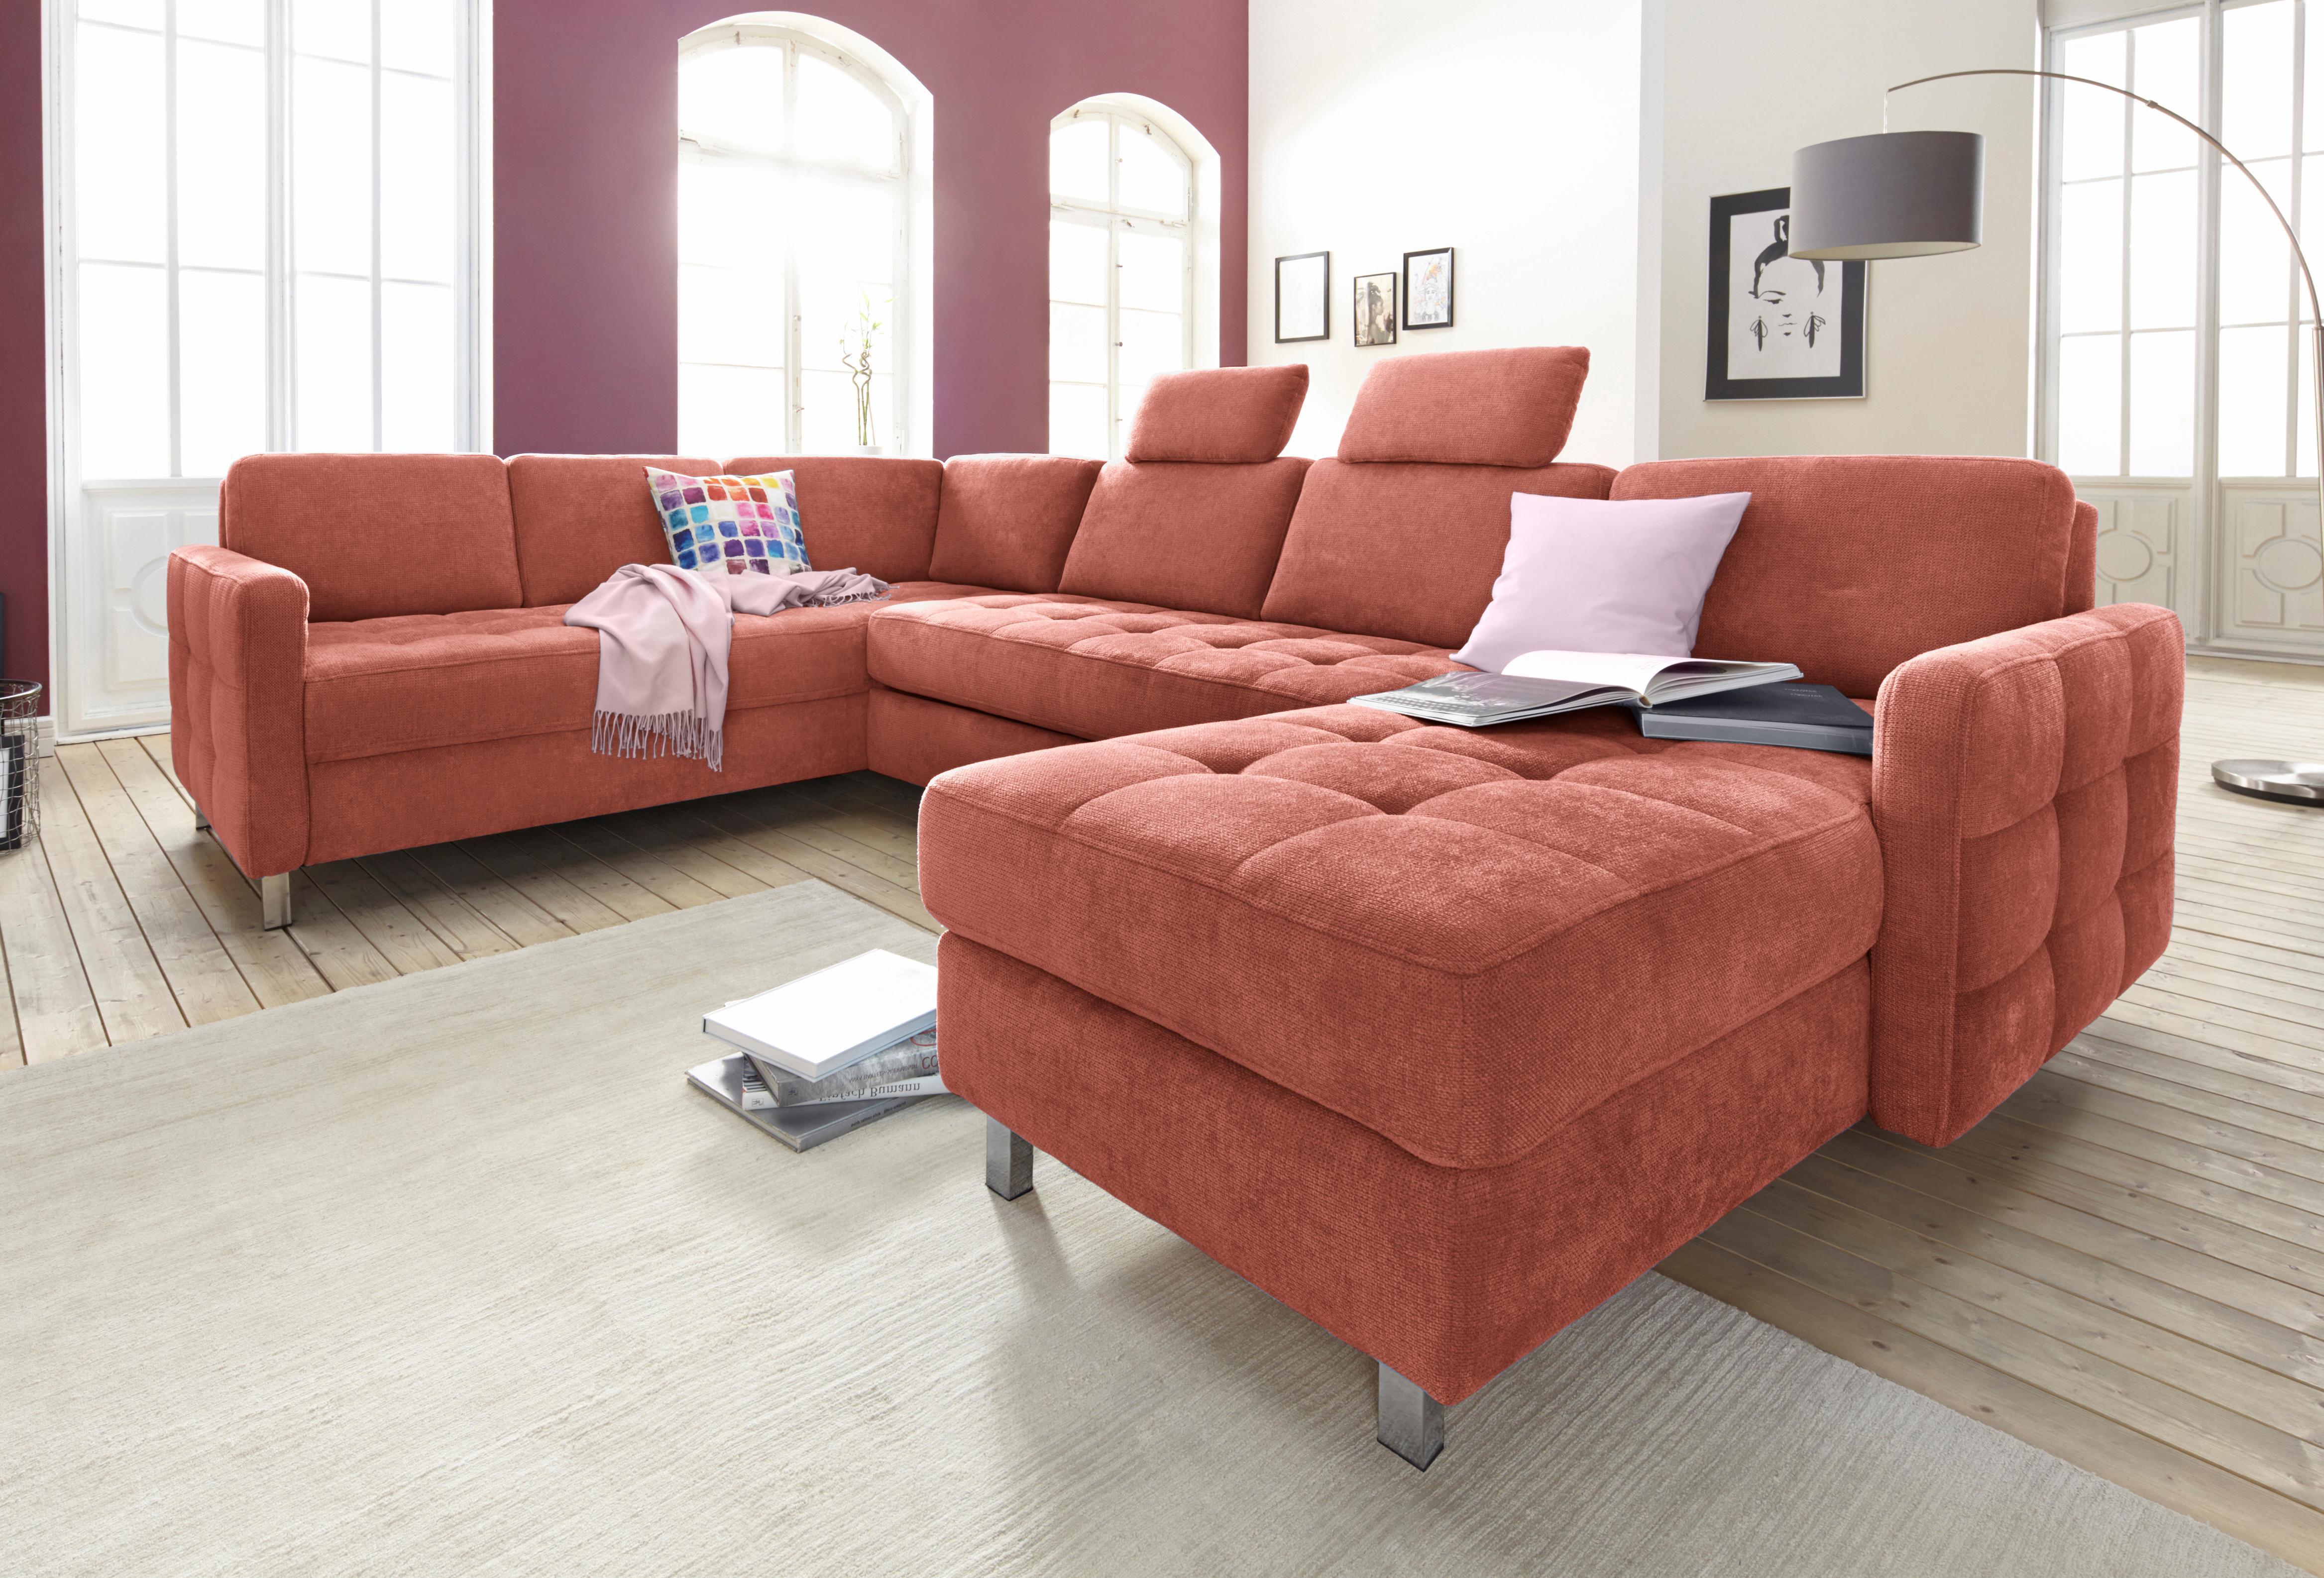 sit more wohnlandschaft kaufen baur. Black Bedroom Furniture Sets. Home Design Ideas